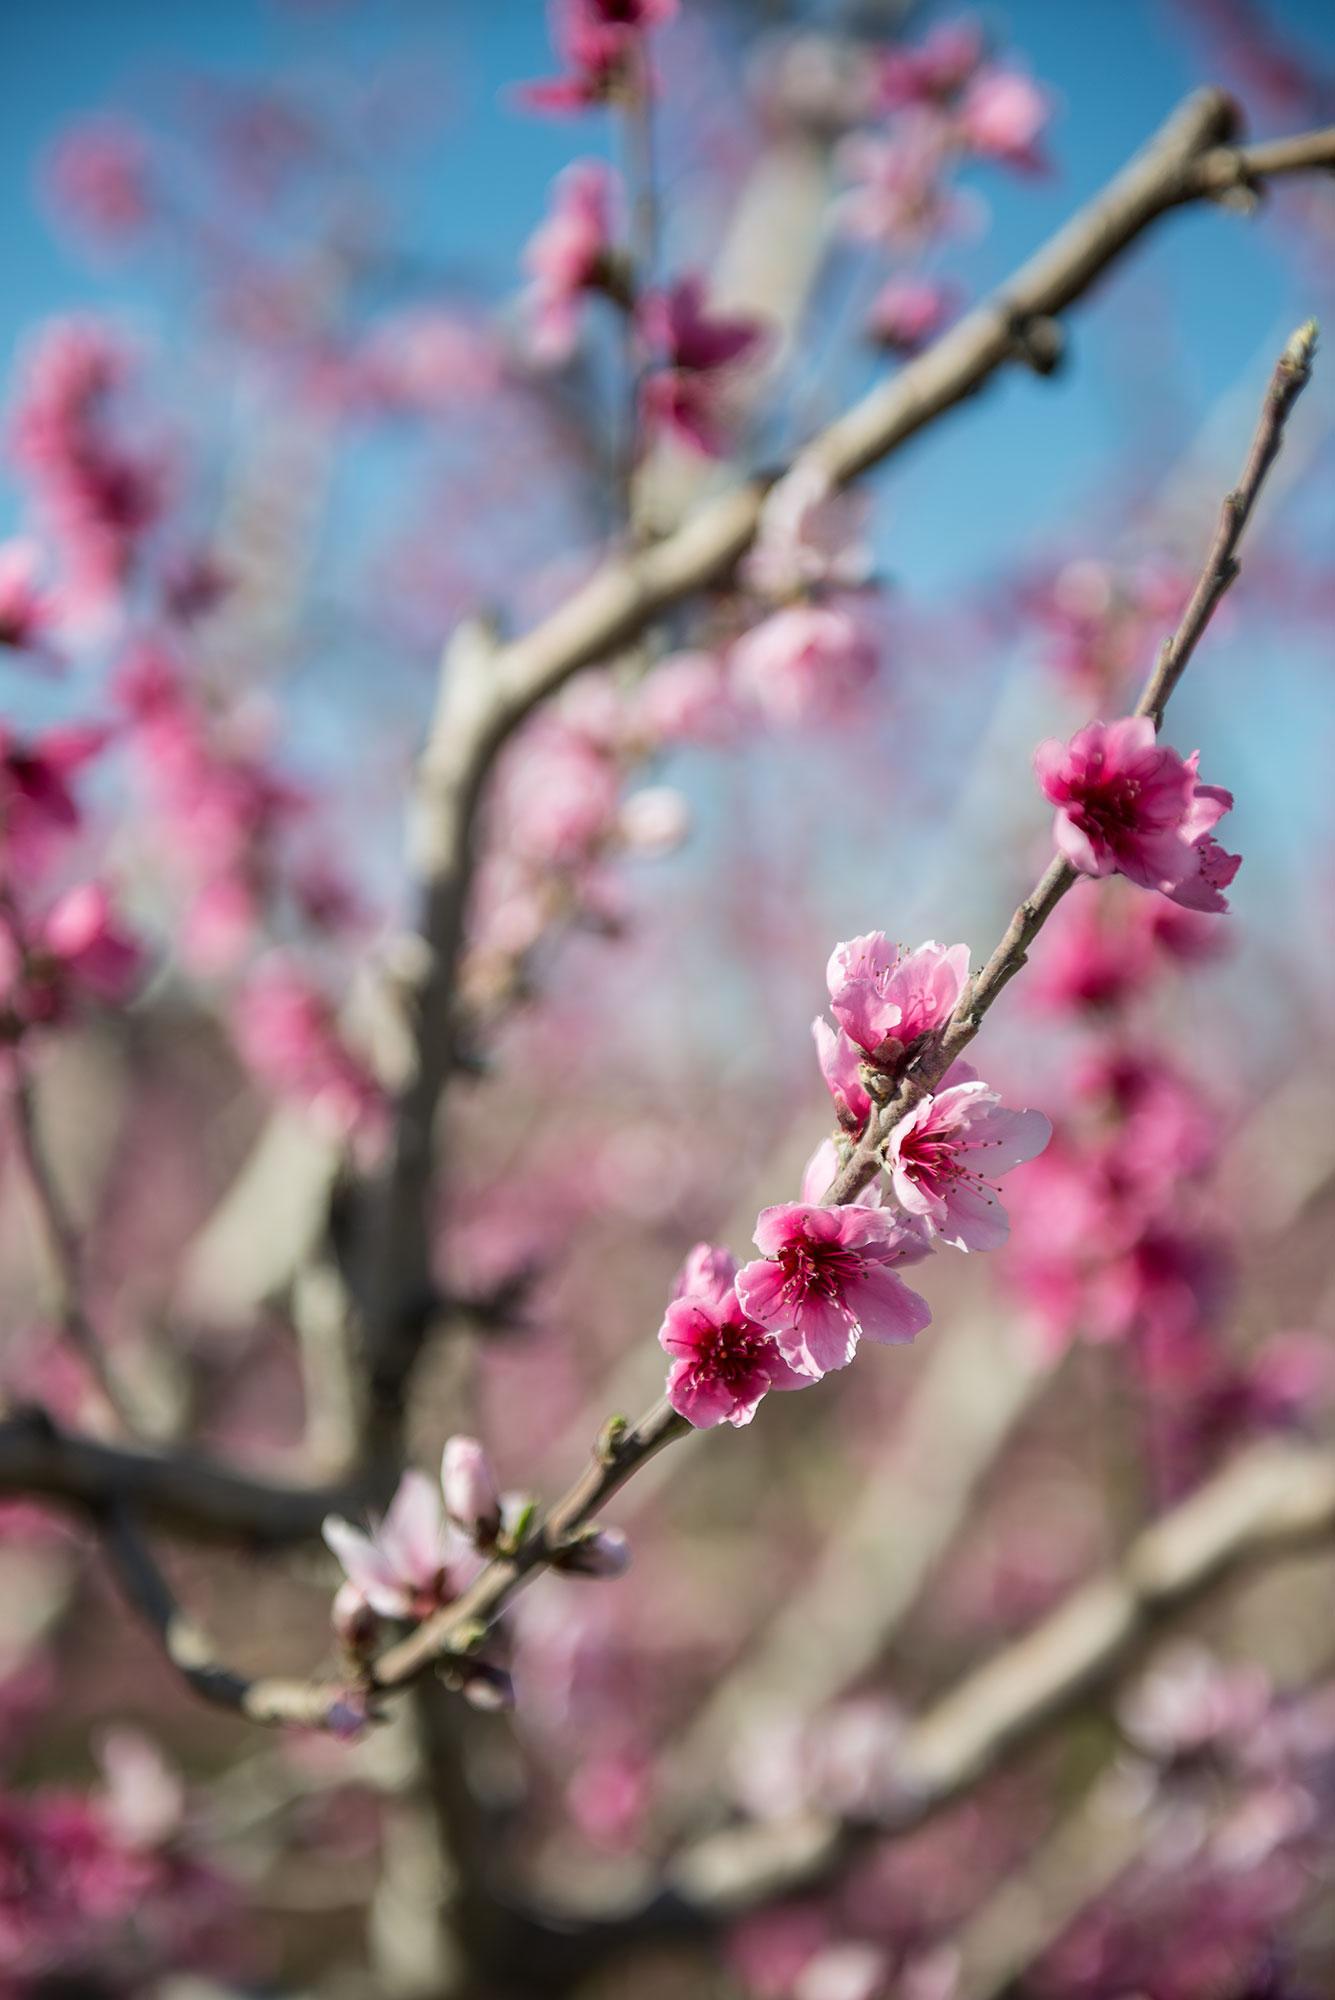 Detalle rama de árbol en flor